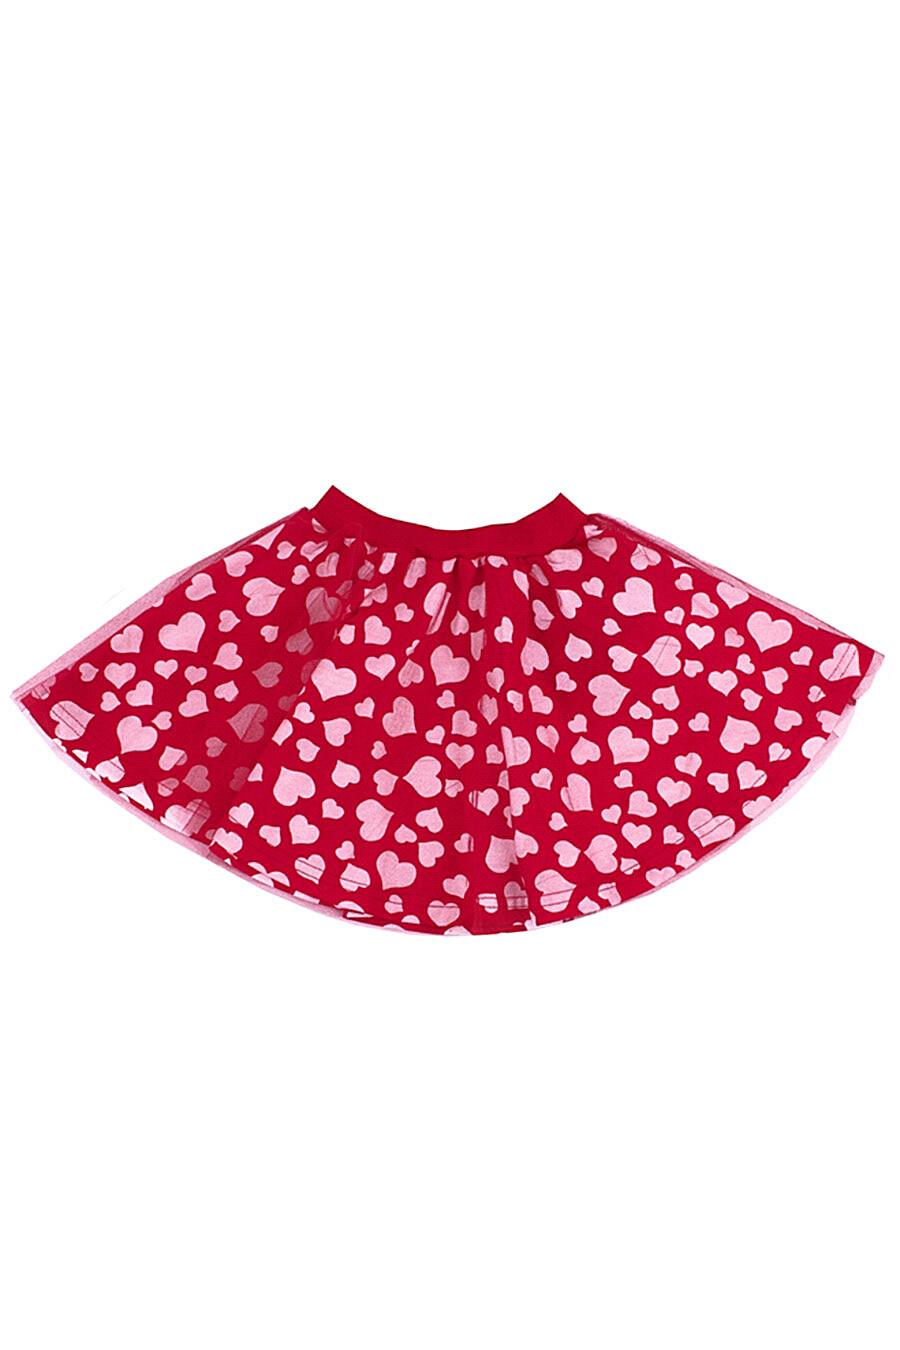 Юбка для девочек Archi 131466 купить оптом от производителя. Совместная покупка детской одежды в OptMoyo